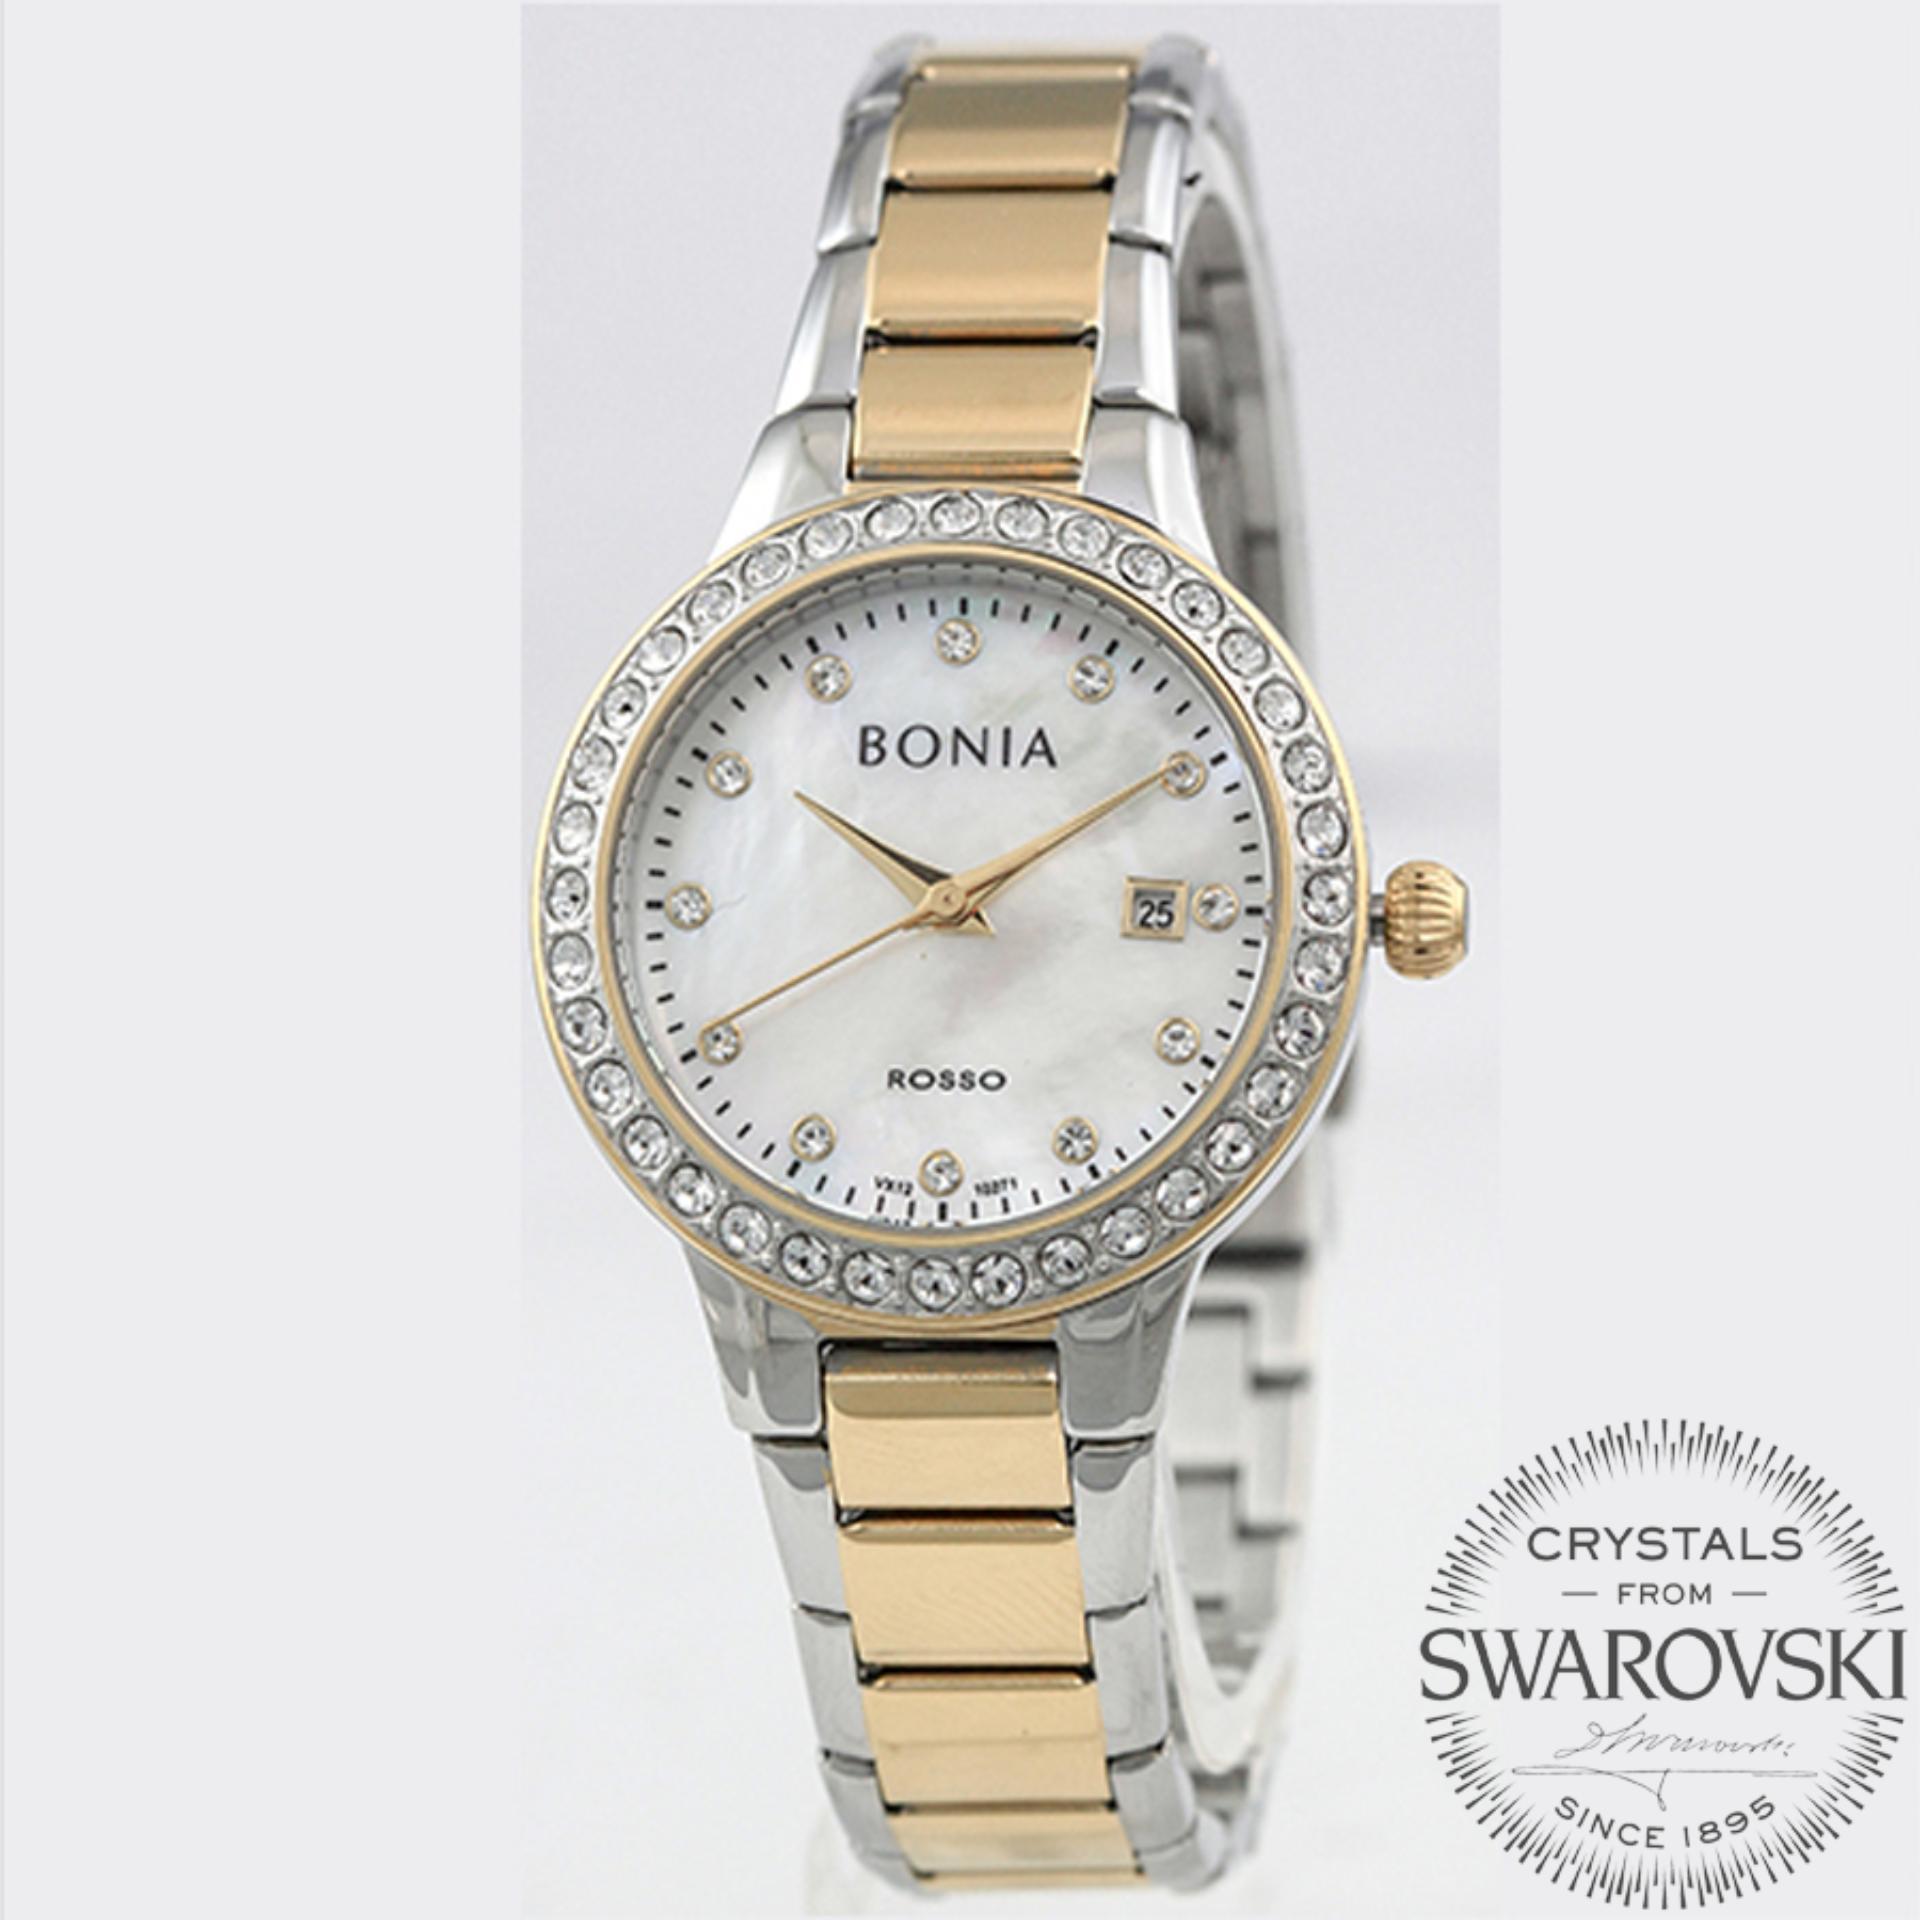 Bonia B10282 2223s Jam Tangan Wanita Gold Daftar Harga Terbaru Original Rosso Br10067 2355 Stainless Steel Bn 2247 Source Bn10271